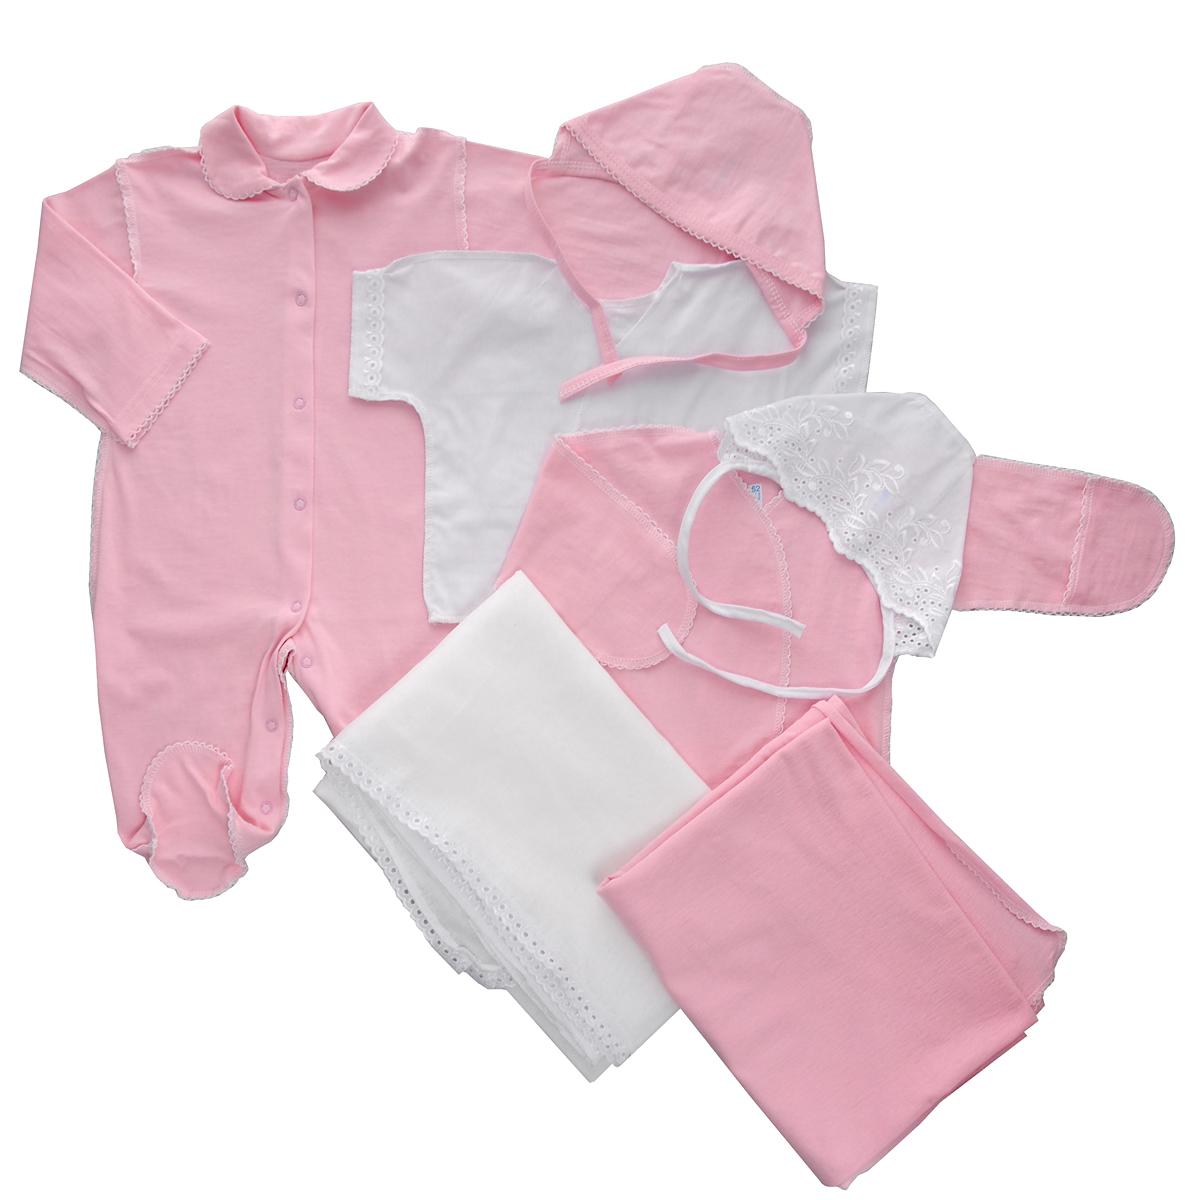 Комплект для новорожденного, 7 предметов. 34723472Комплект для новорожденного Трон-плюс - это замечательный подарок, который прекрасно подойдет для первых дней жизни малыша. Комплект состоит из комбинезона, двух распашонок, двух чепчиков и двух пеленок. Комплект изготовлен из натурального хлопка, благодаря чему он необычайно мягкий и приятный на ощупь, не сковывает движения младенца и позволяет коже дышать, не раздражает даже самую нежную и чувствительную кожу ребенка, обеспечивая ему наибольший комфорт. Легкая распашонка с короткими рукавами выполнена швами наружу. Изделие украшено вышивкой, а рукава декорированы ажурными рюшами. Распашонка с длинными рукавами и с запахом выполнена швами наружу. Оформлено изделие ажурными петельками. Рукава дополнены рукавичками, которые обеспечат вашему малышу комфорт во время сна и бодрствования, предохраняя нежную кожу новорожденного от расцарапывания. Рукавички можно завернуть. Чепчик защищает еще не заросший родничок, щадит чувствительный слух малыша, прикрывая ушки, и...